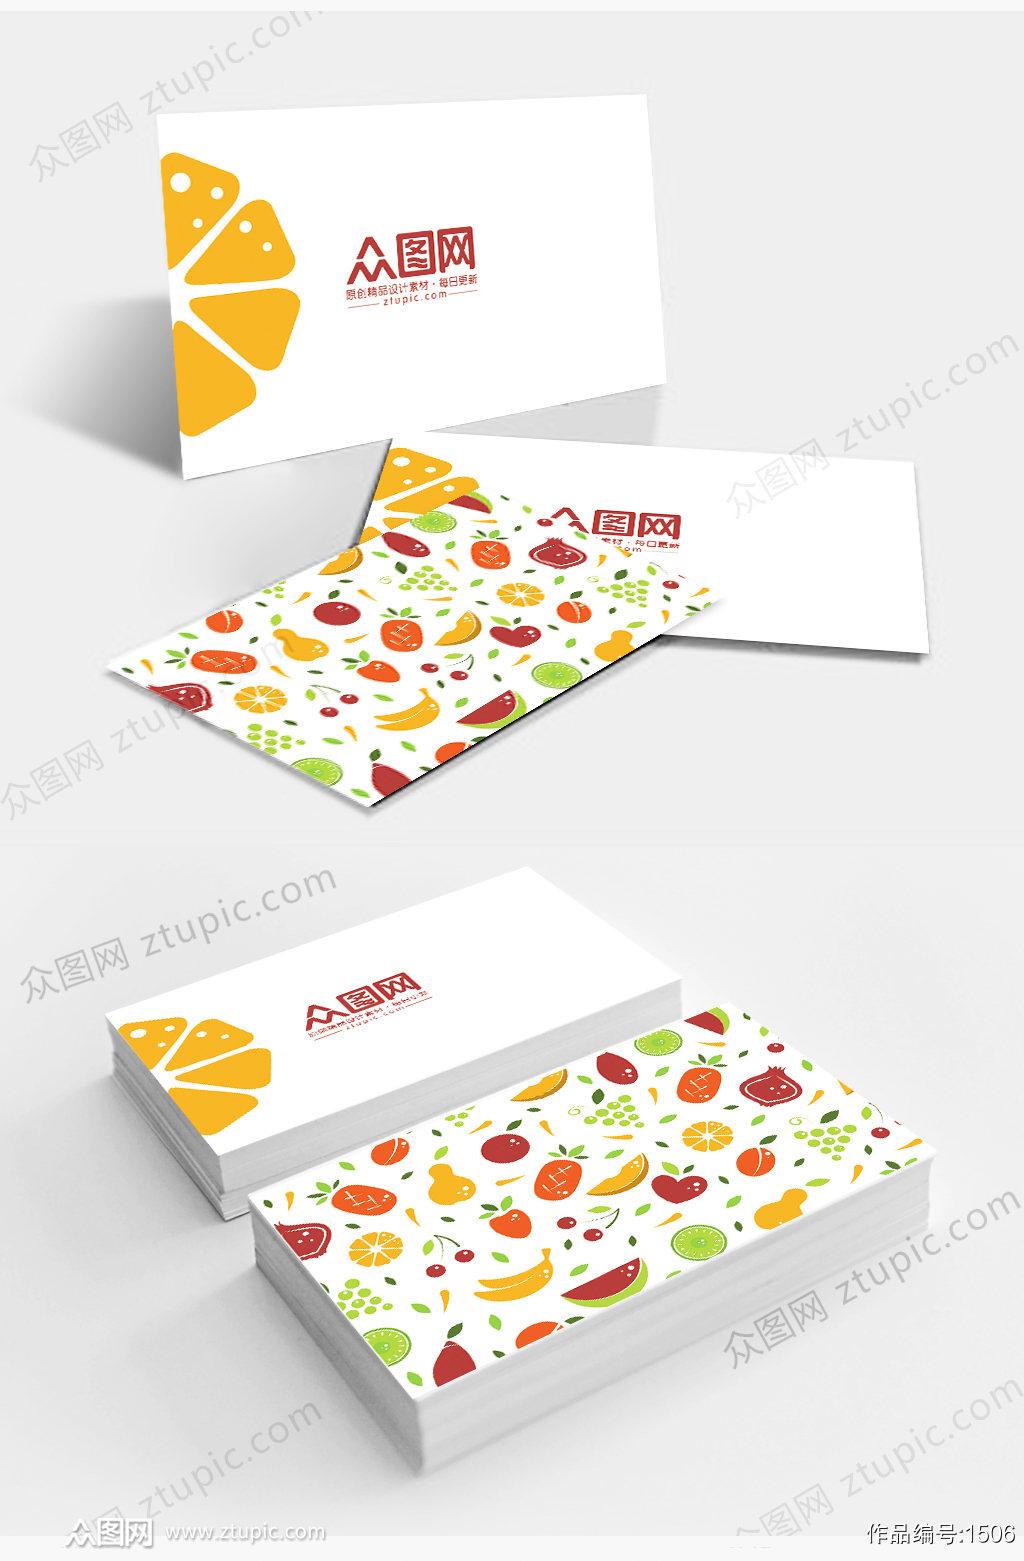 黄色抽象商务名片设计素材